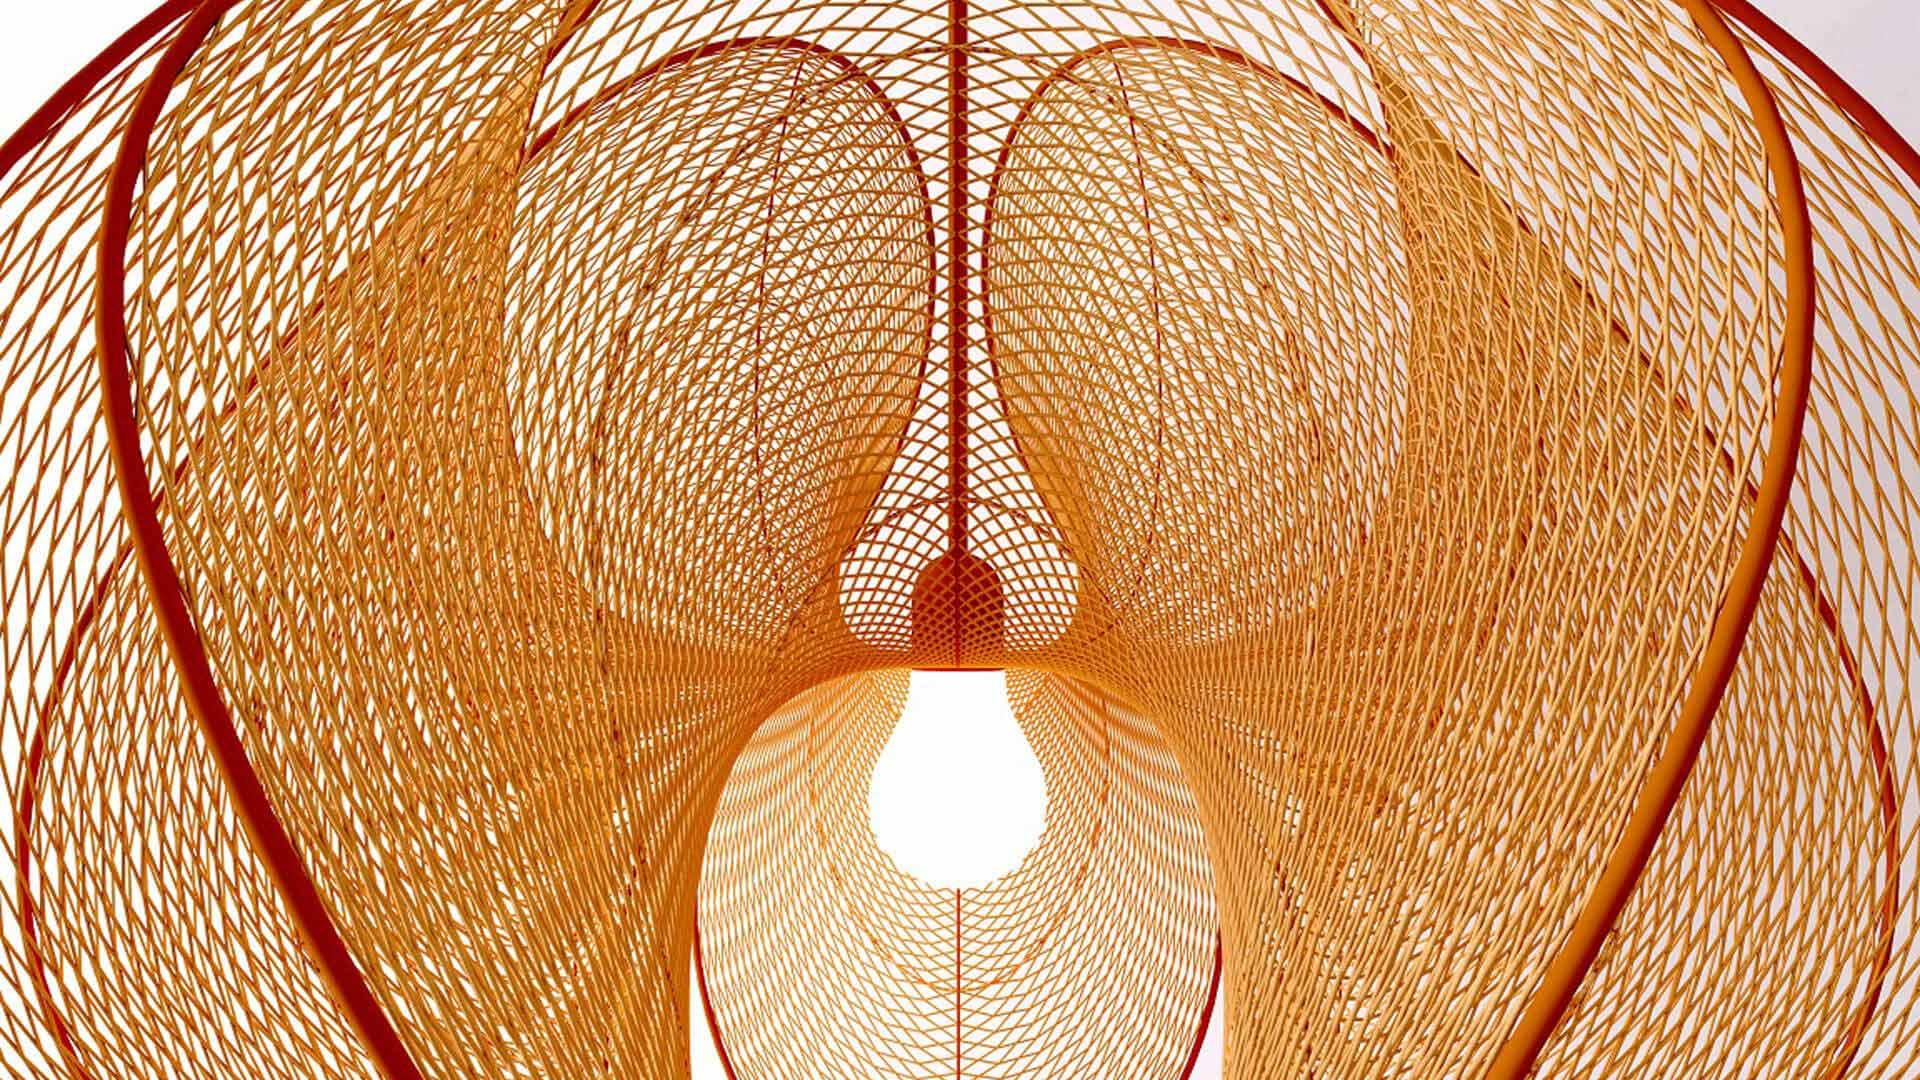 lexus tasarim odulleri gallery01 1920x1080 v2